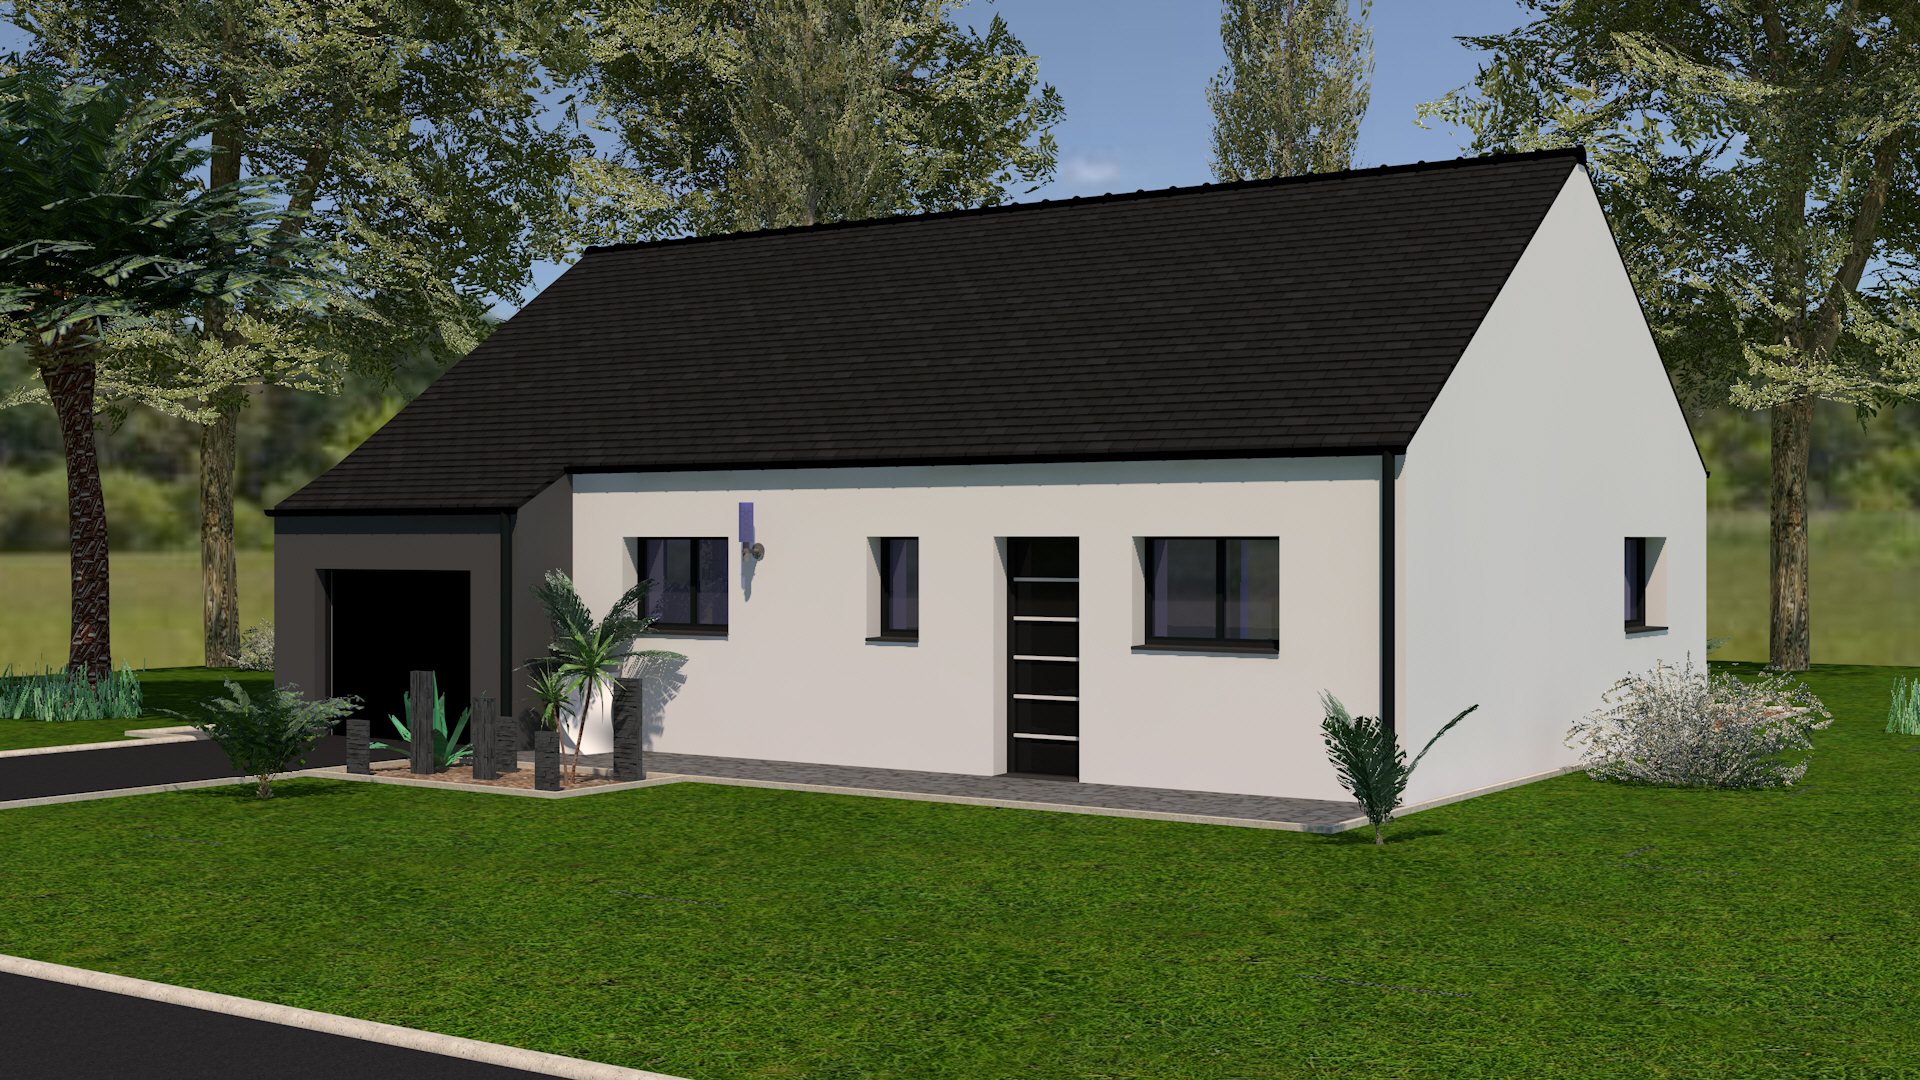 Constructeur Maison Neuve Ille Et Vilaine maison modèle ouessant - 3 chambres - garage, creactuel